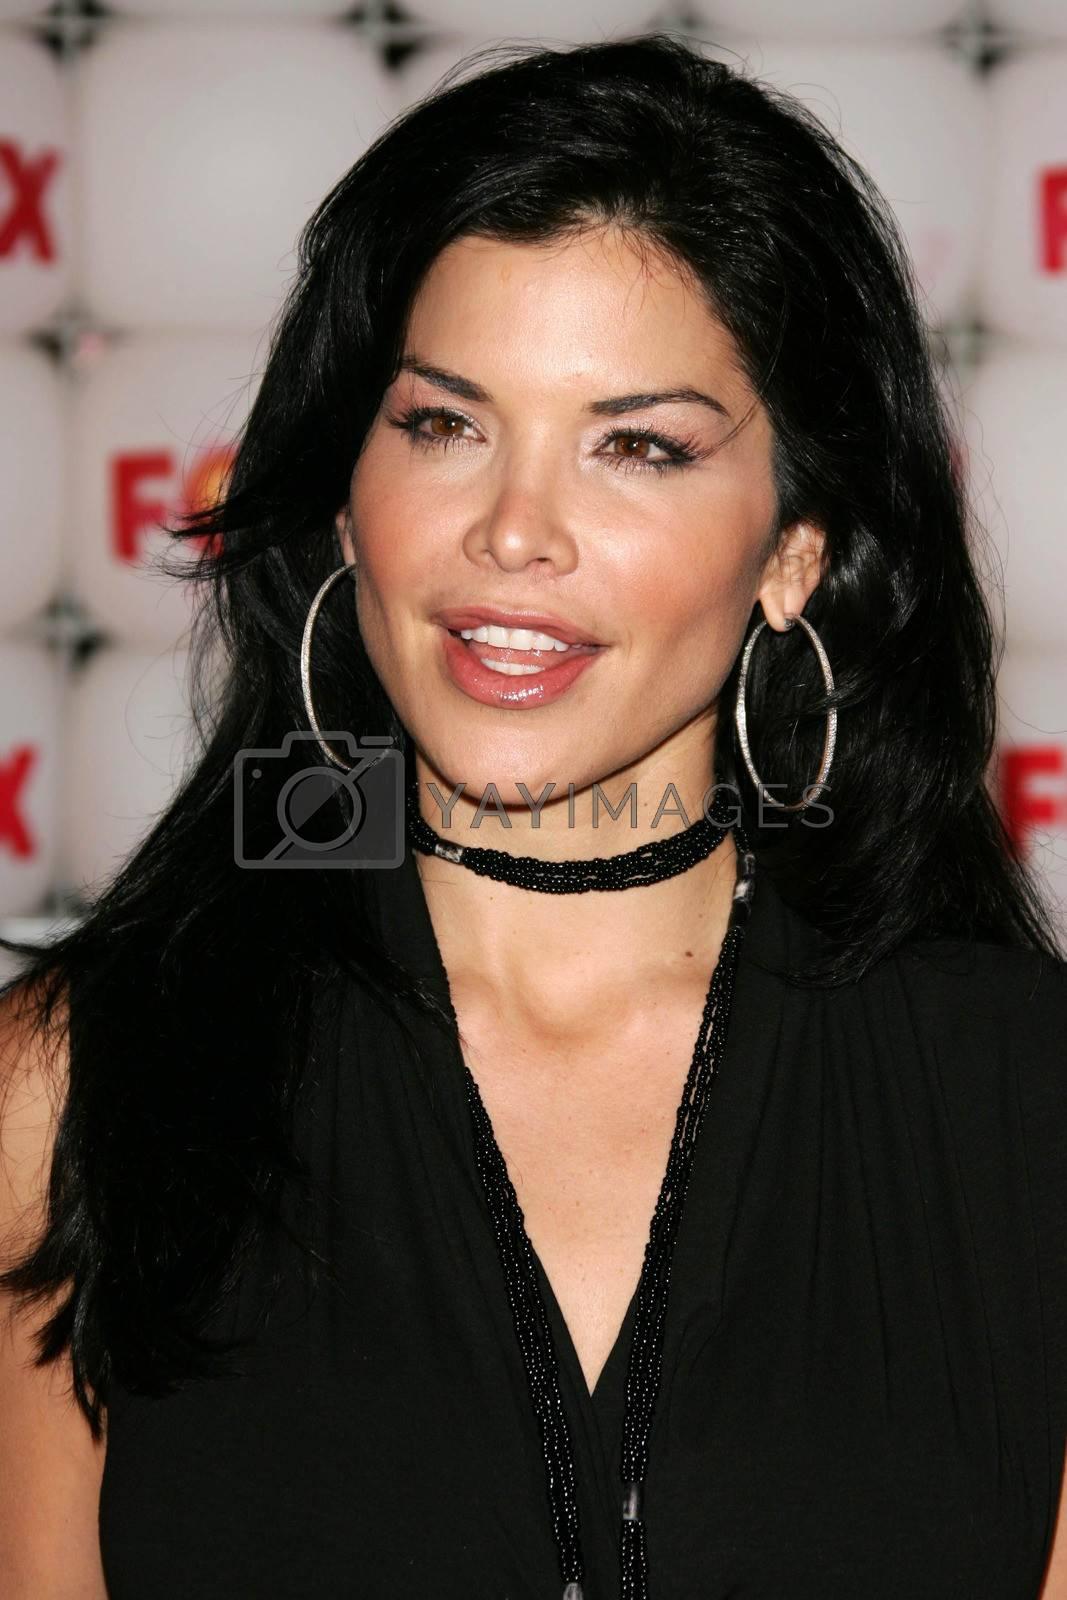 Lauren Sanchez At the FOX Summer 2005 TCA Party, Santa Monica Pier, Santa Monica, CA 07-29-05